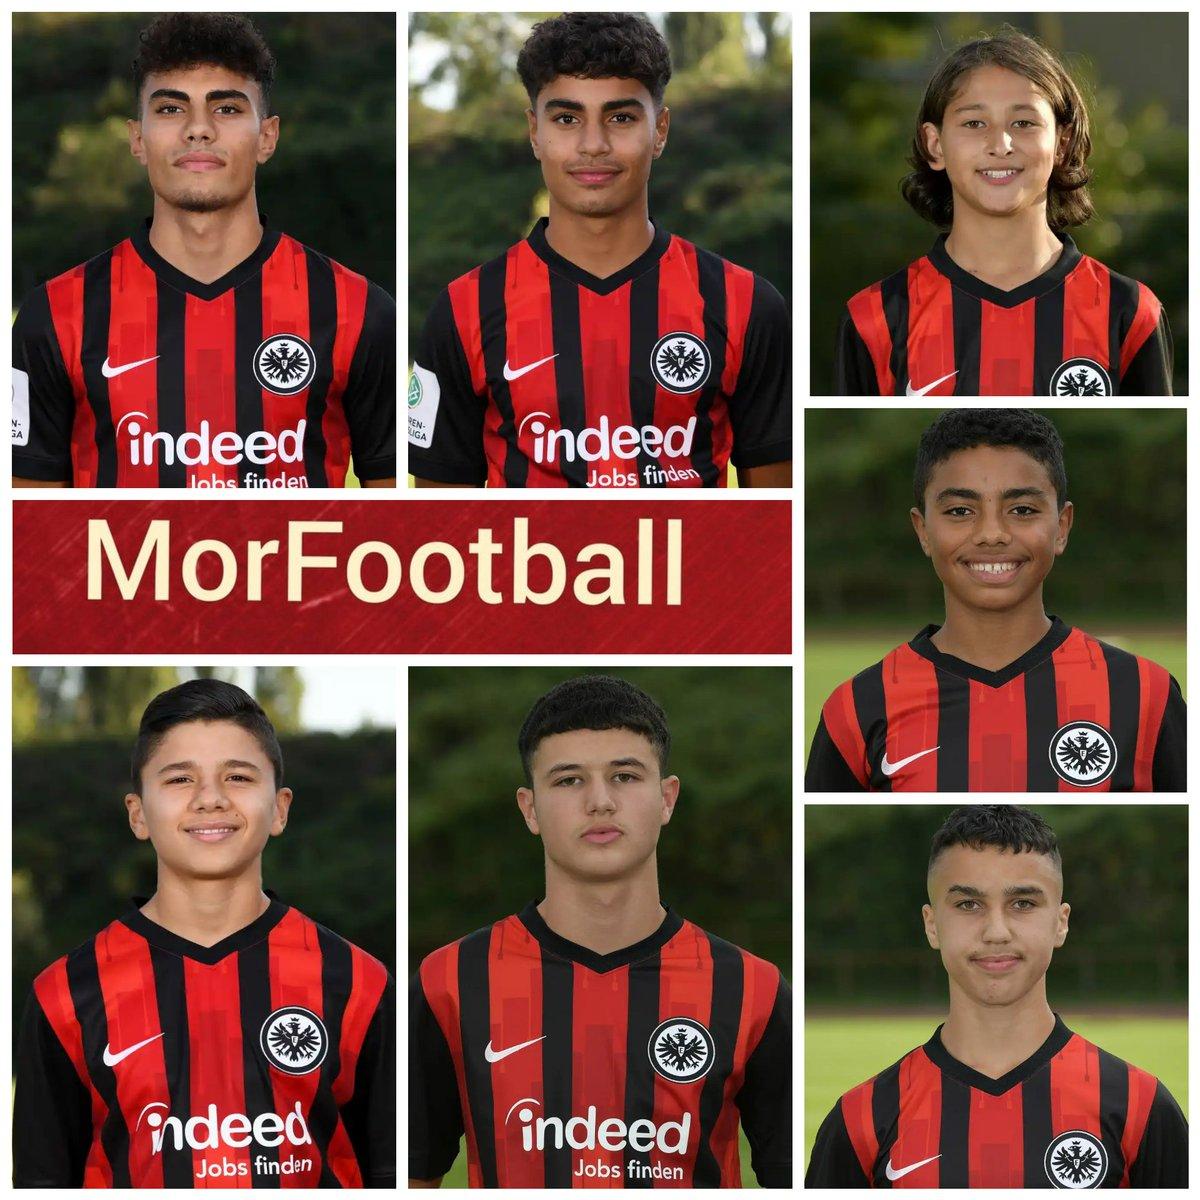 Se viene Marruecos a futuro....14 chicos con raíces marroquíes jugarán esta temporada en las divisiones inferiores del Eintracht. #SGE